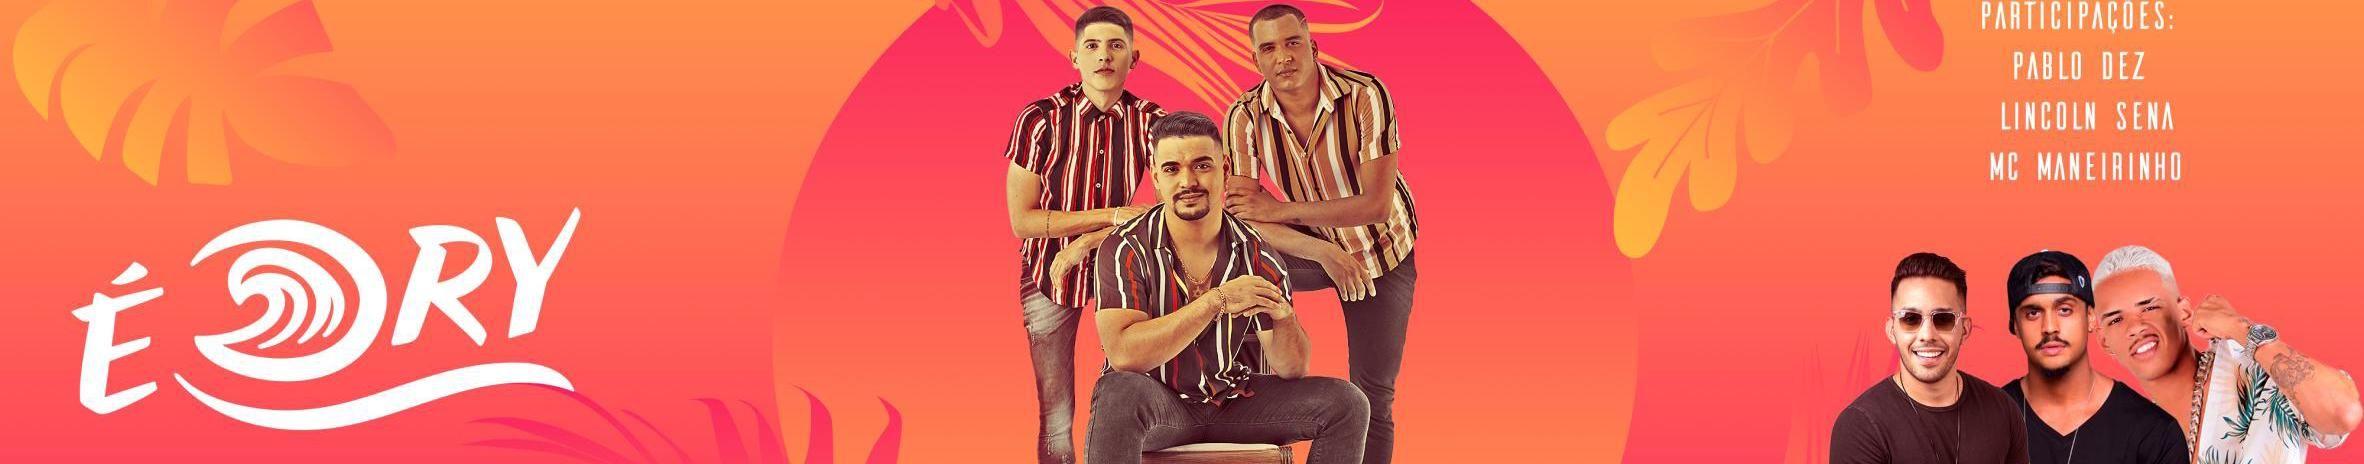 Imagem de capa de Banda É Dry